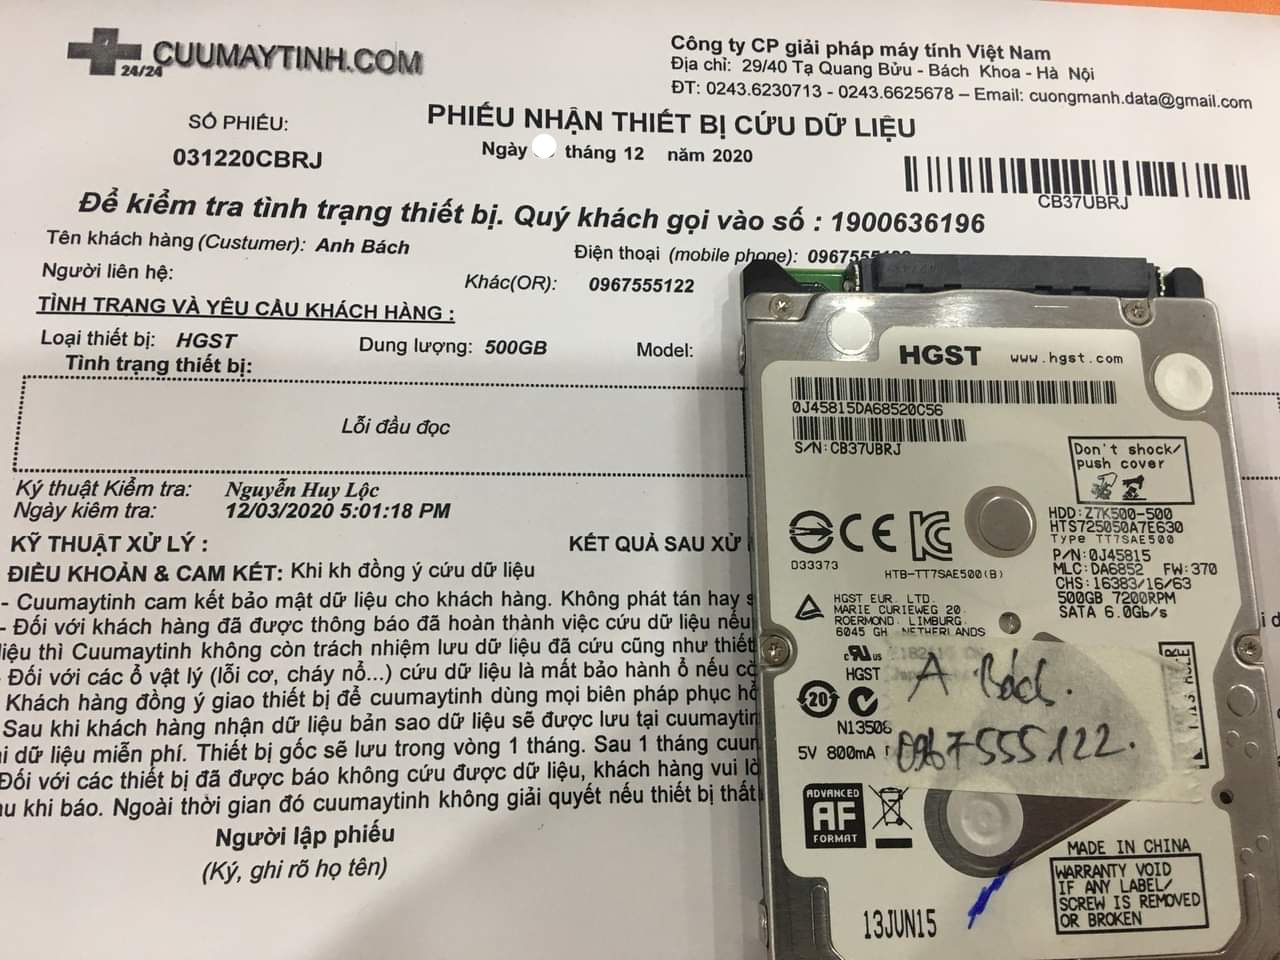 Lấy dữ liệu ổ cứng HGST 500GB lỗi đầu đọc - 07/12/2020 - cuuumaytinh